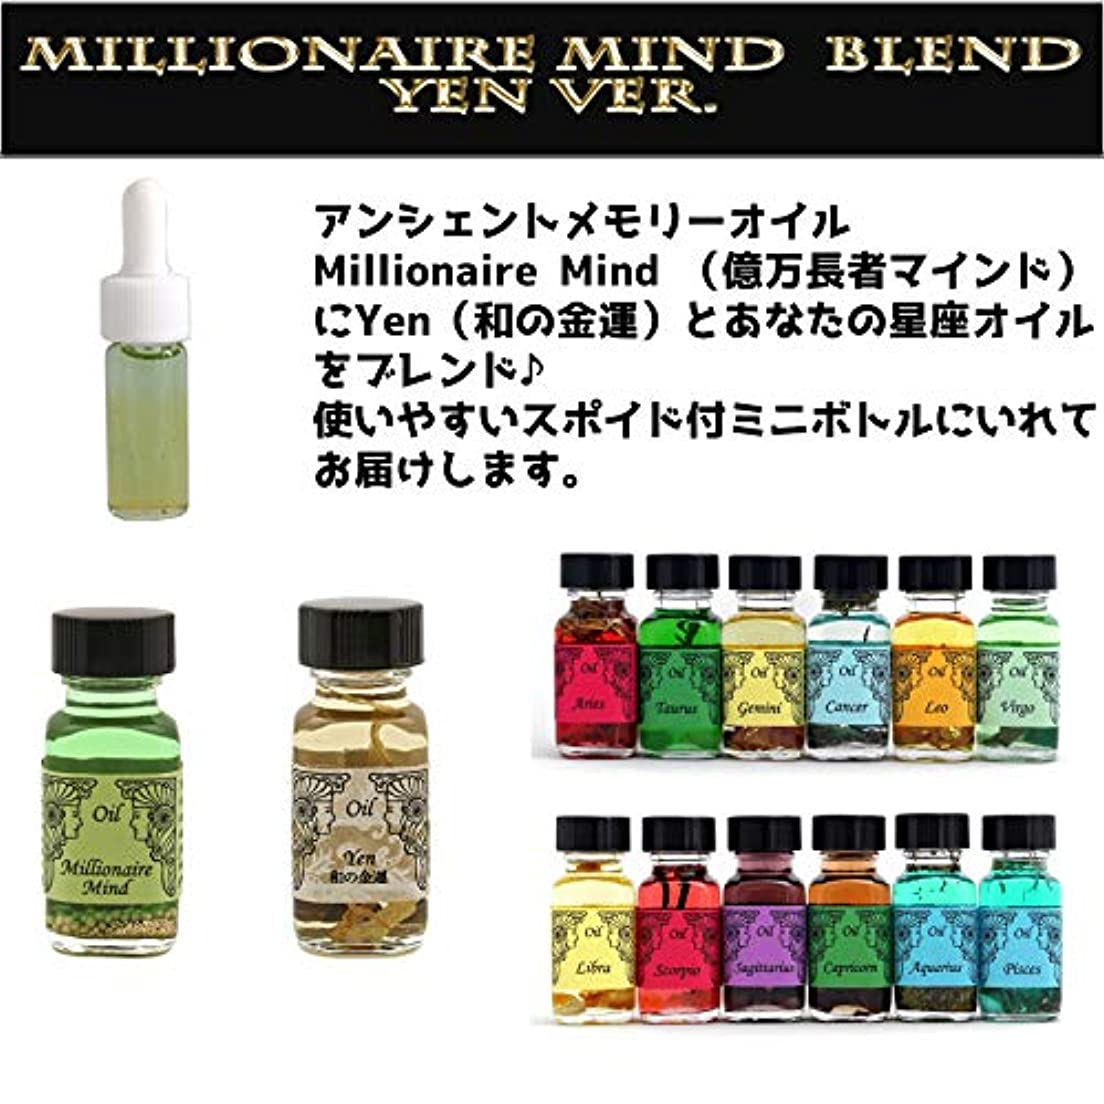 謝罪するレッドデート不運アンシェントメモリーオイル Millionaire Mind 億万長者マインド ブレンド【Yen 和の金運&おとめ座】